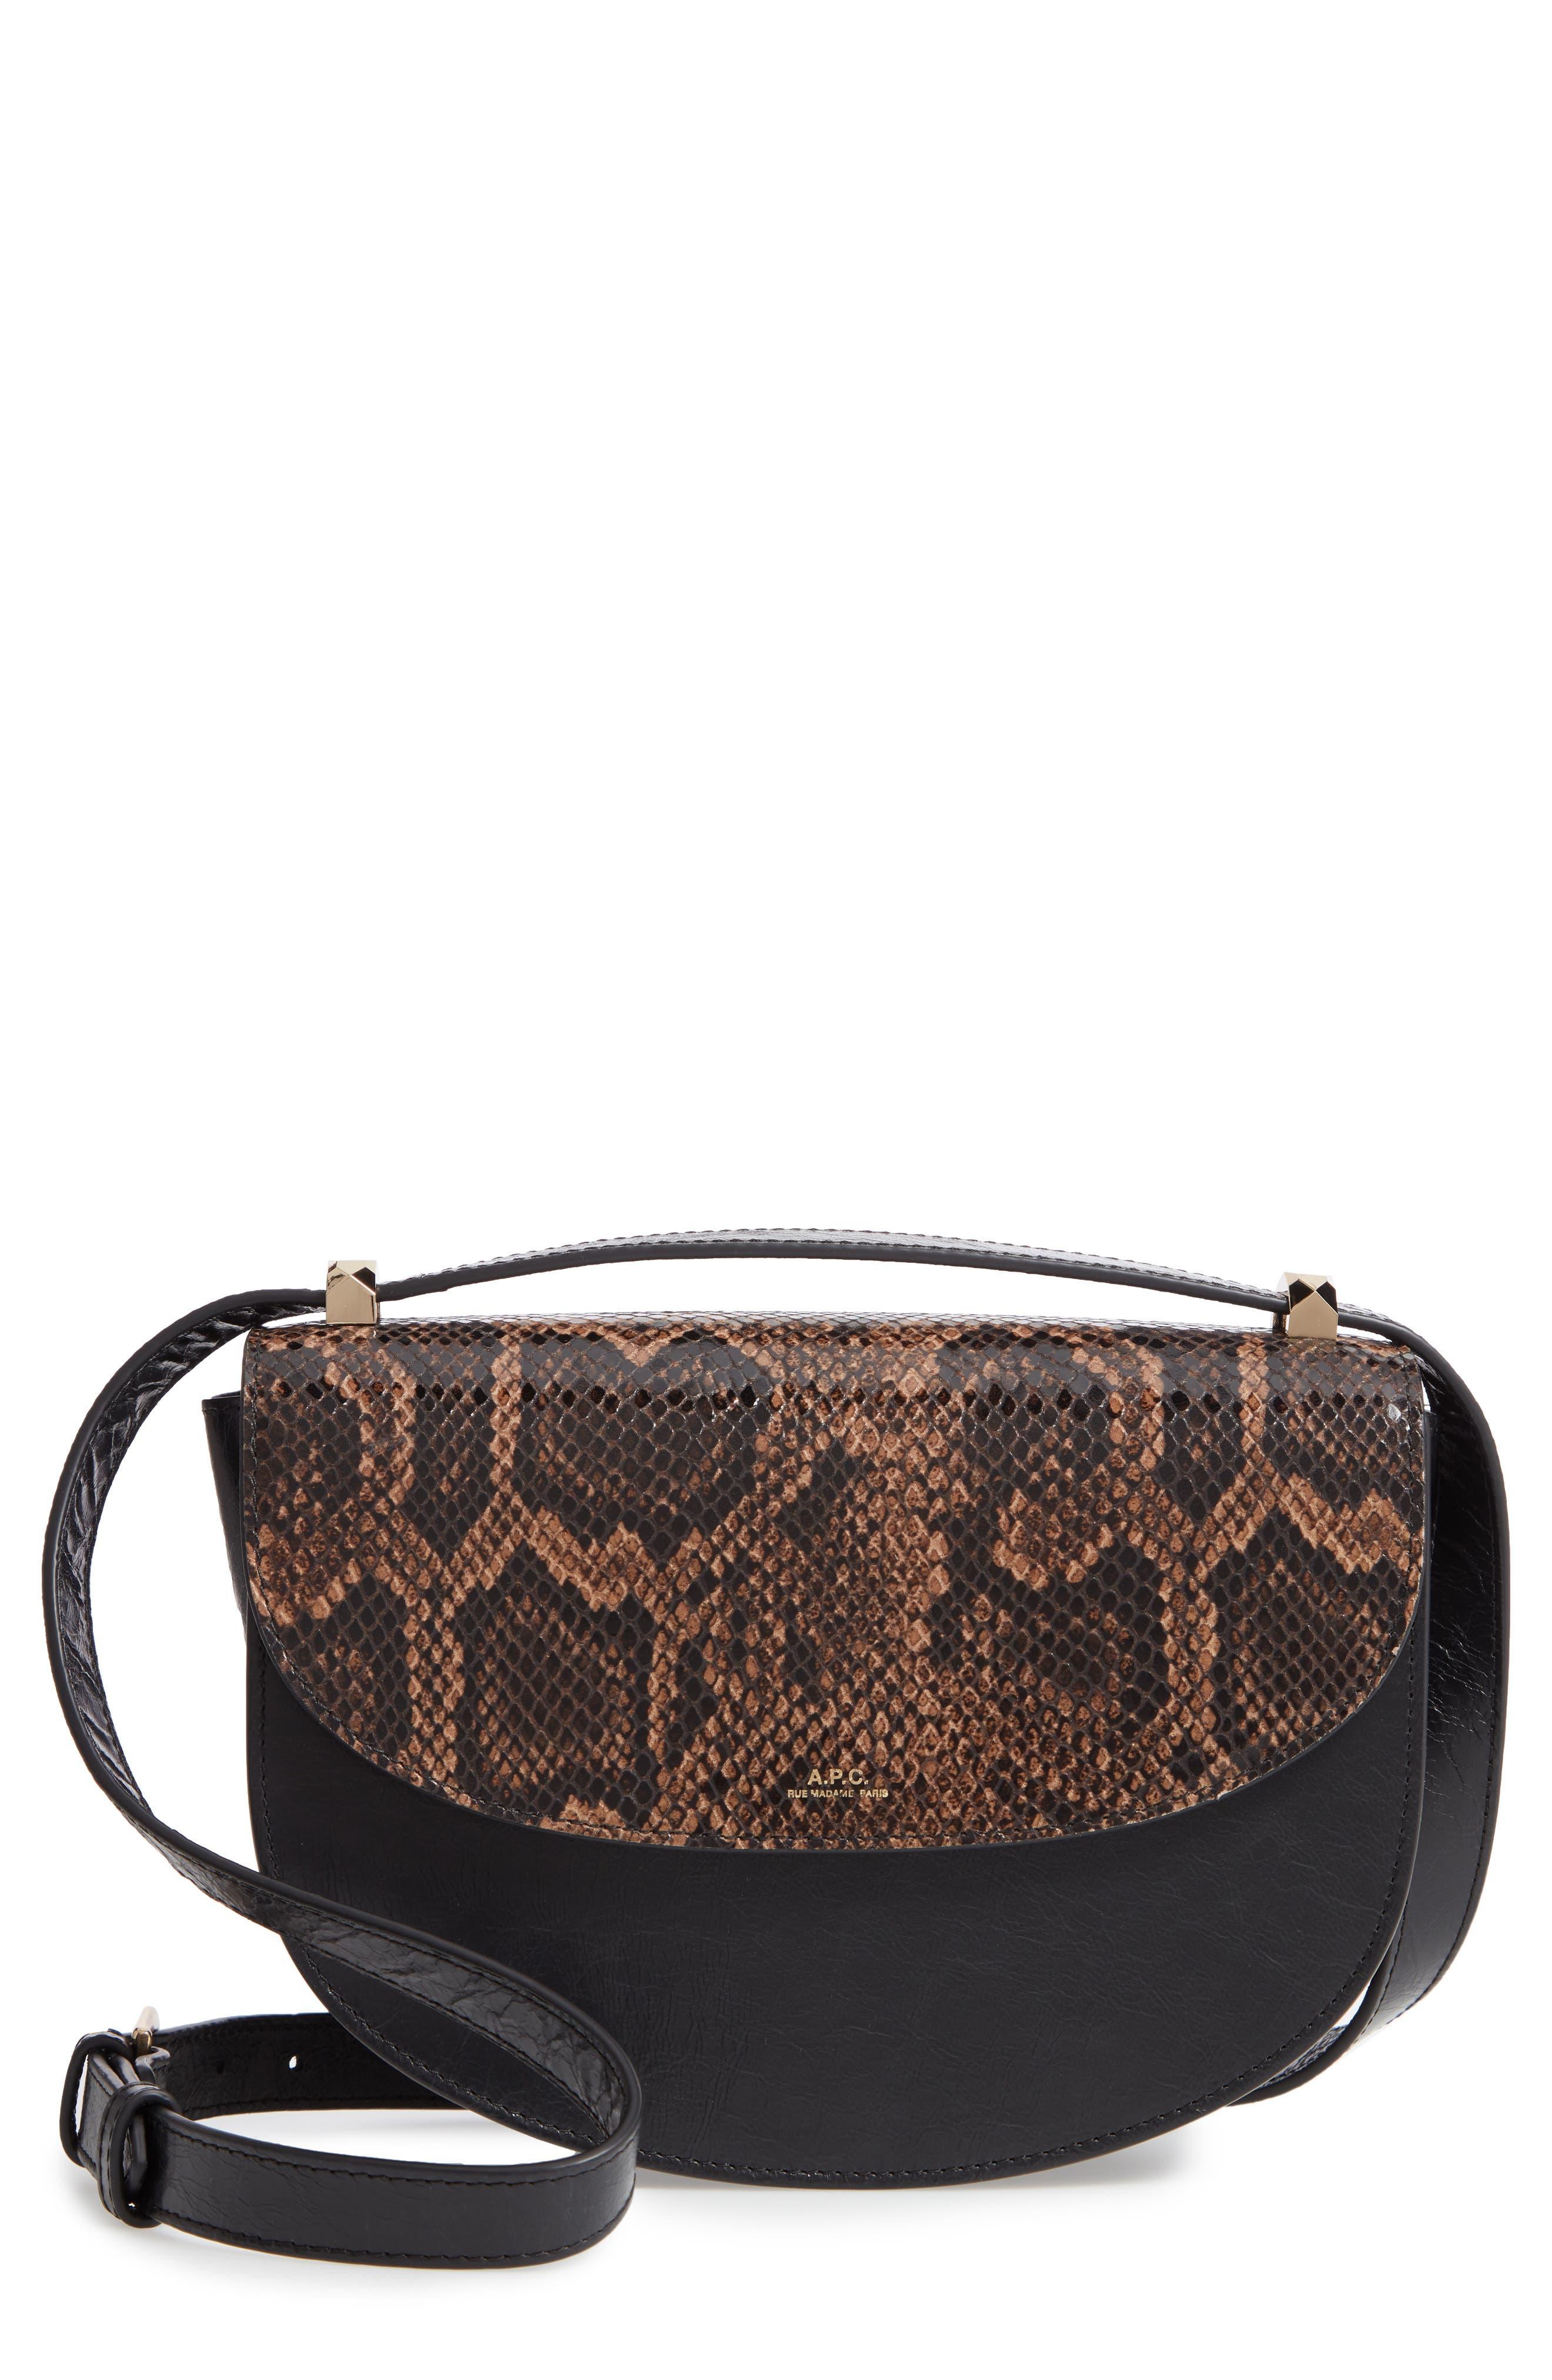 A.P.C. Sac Genève Snake Embossed Leather Shoulder Bag, Main, color, NOIR